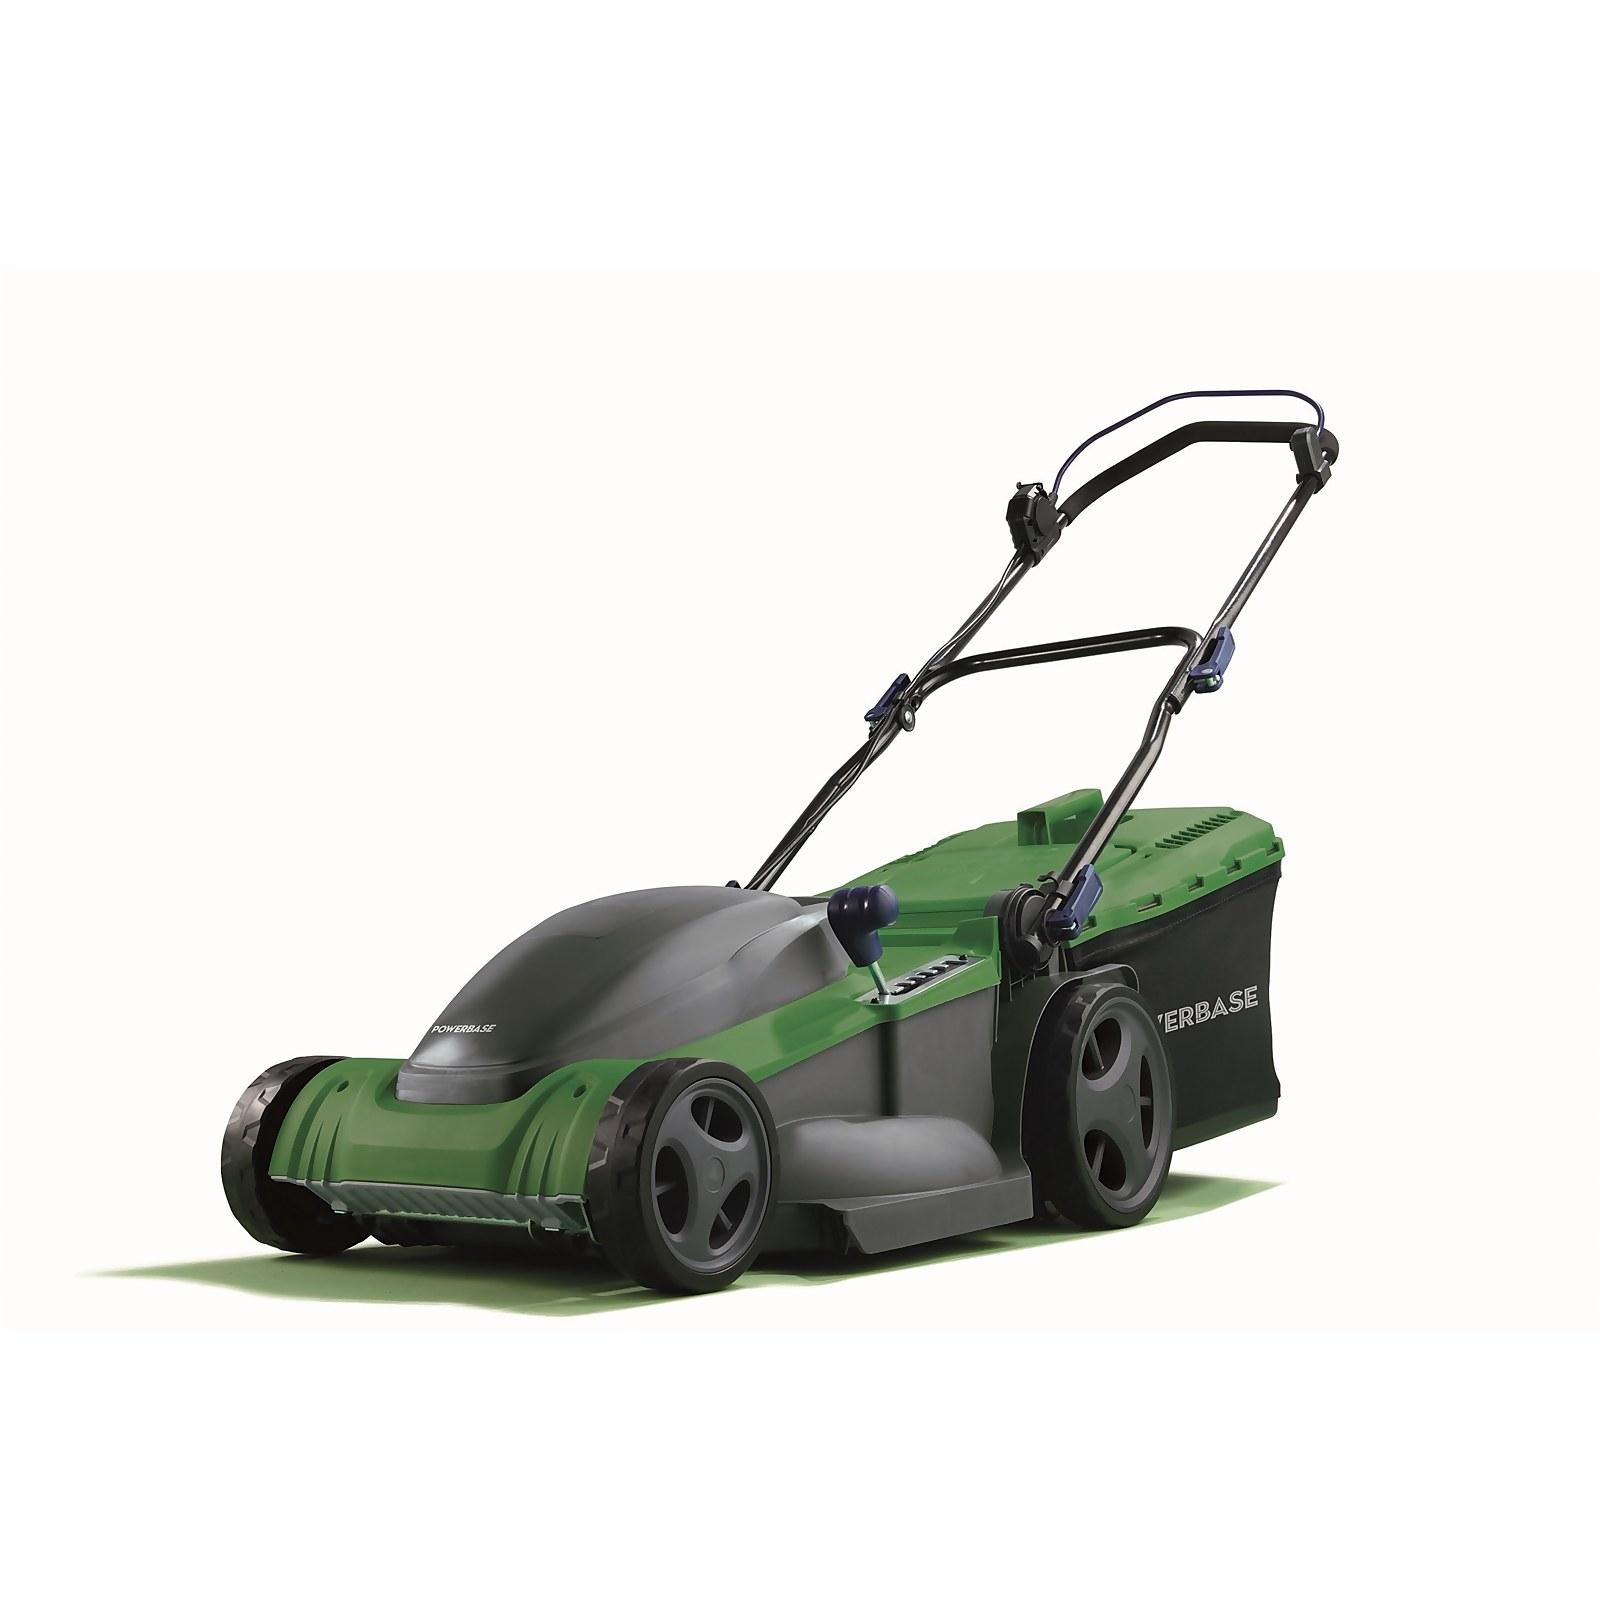 Powerbase 1800W Electric Lawn Mower 41cm